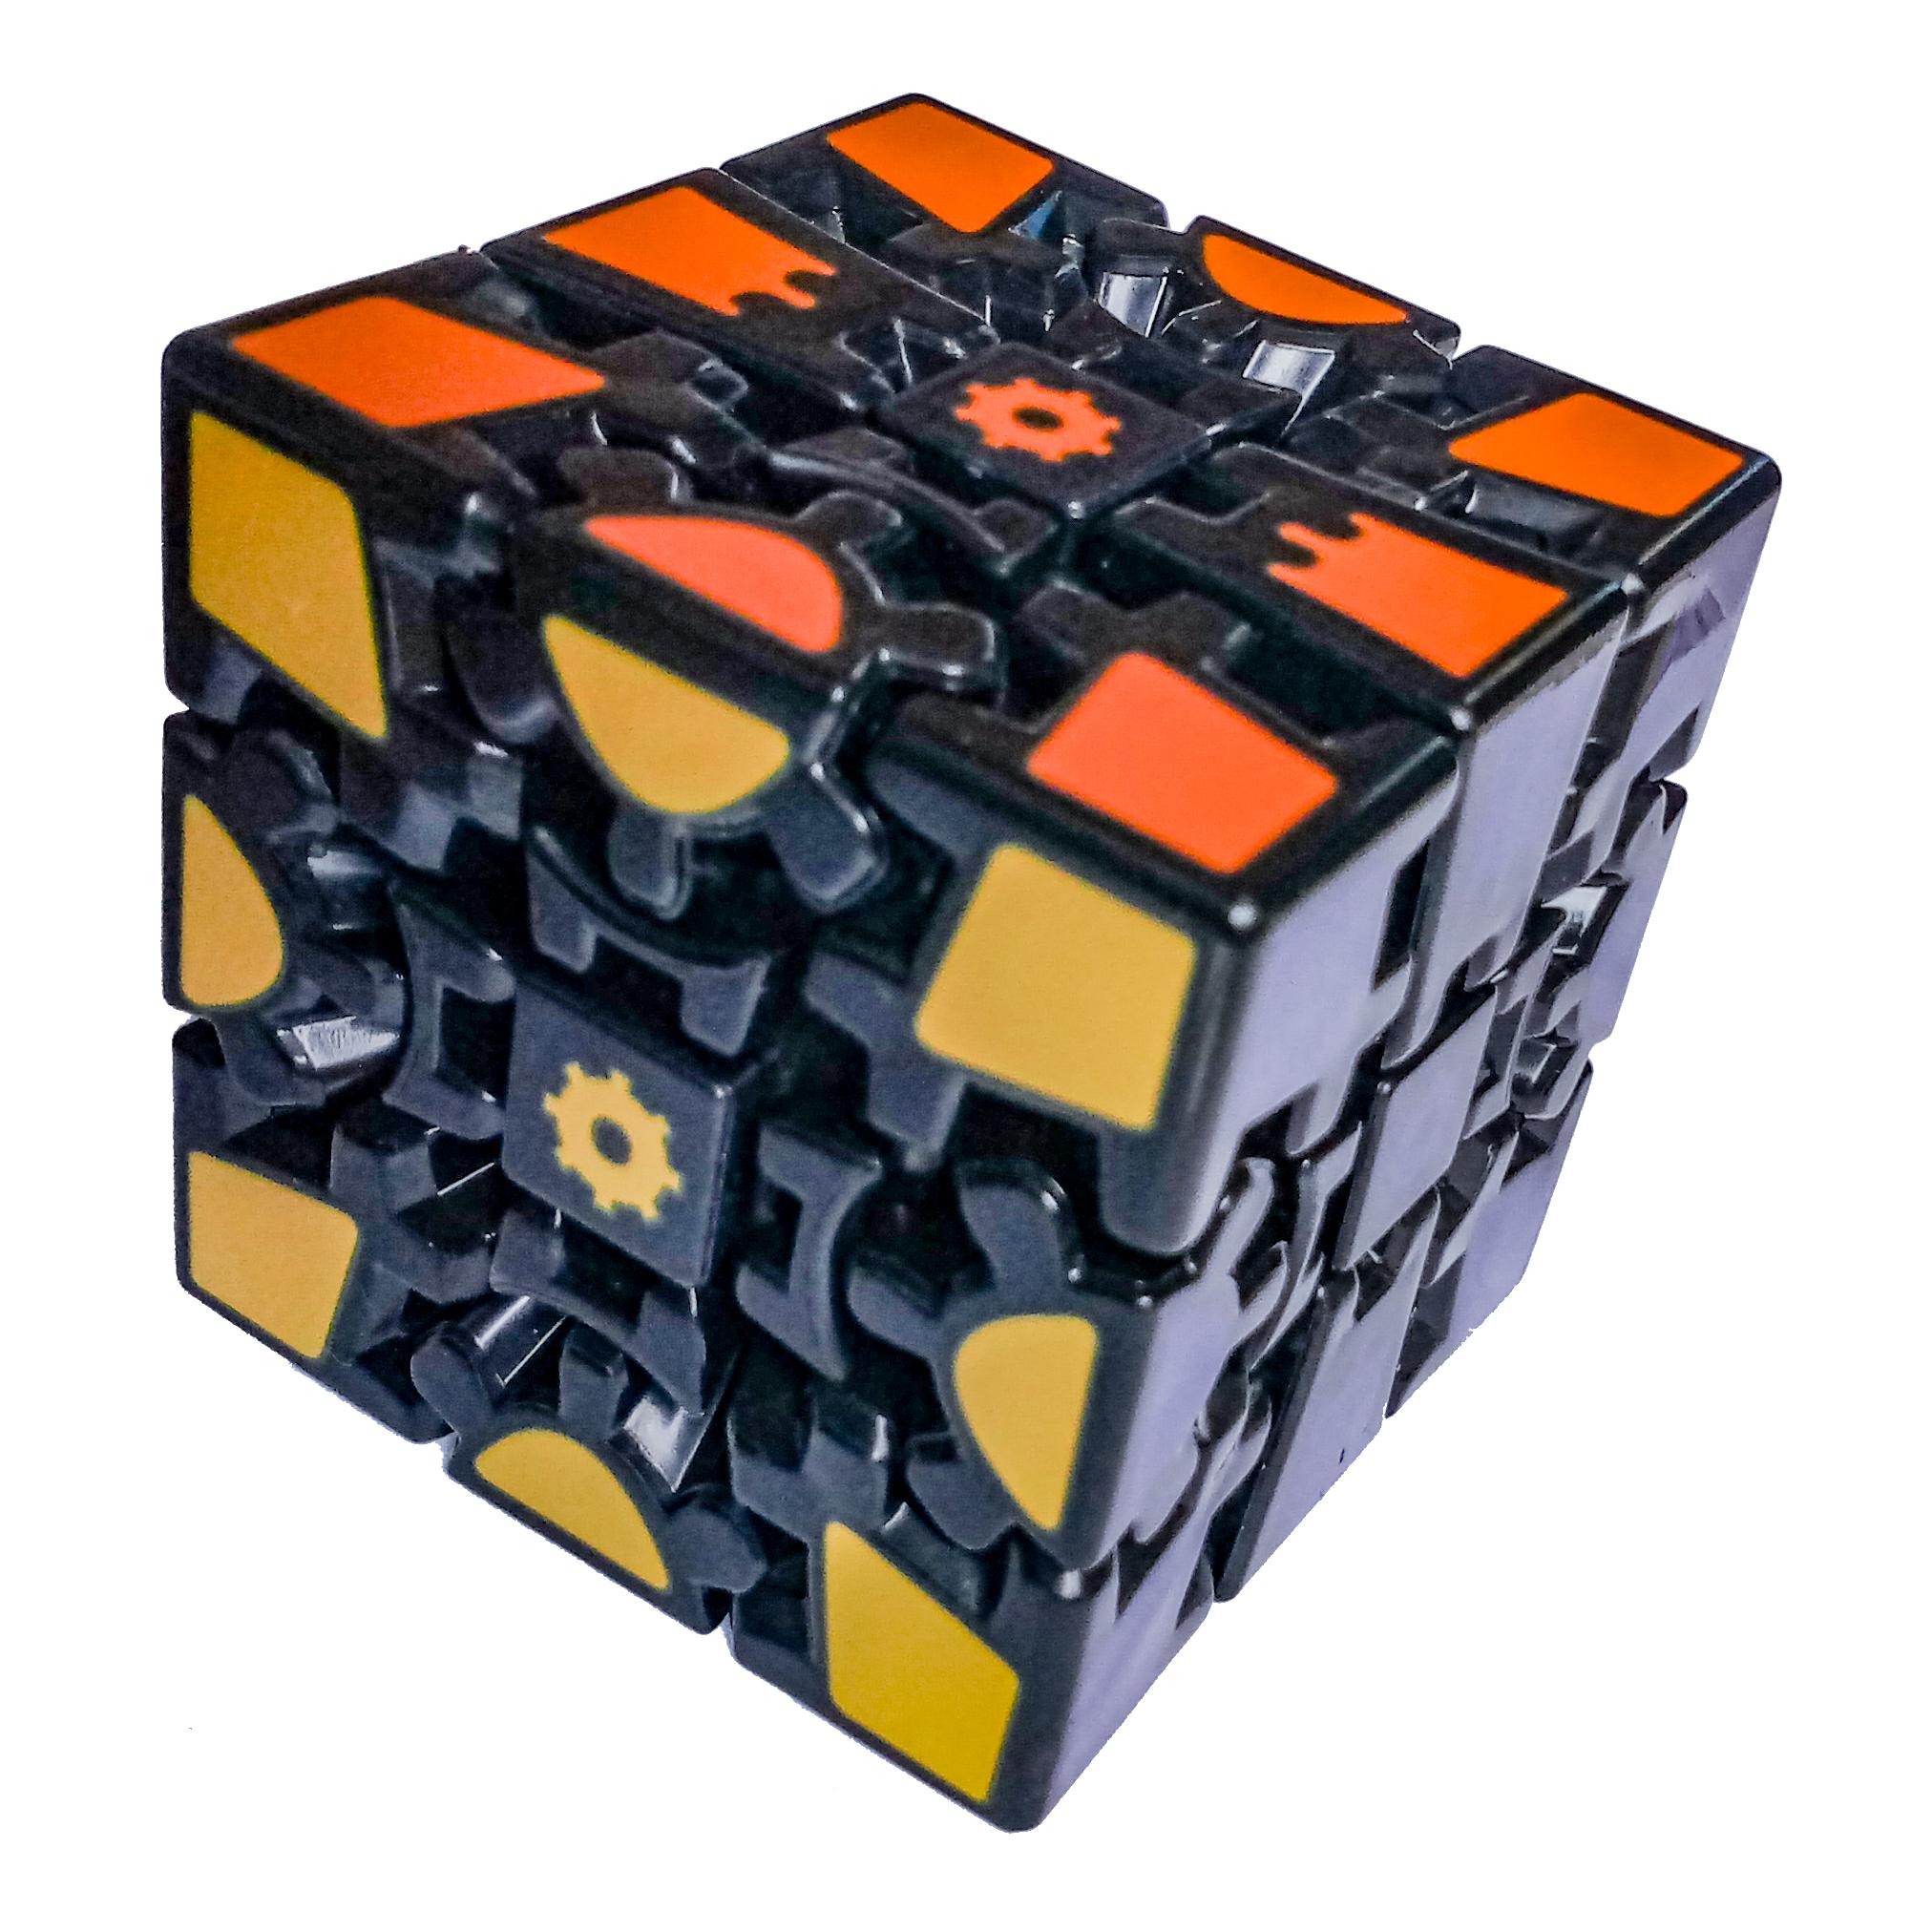 Rubikova kostka - Gear cube